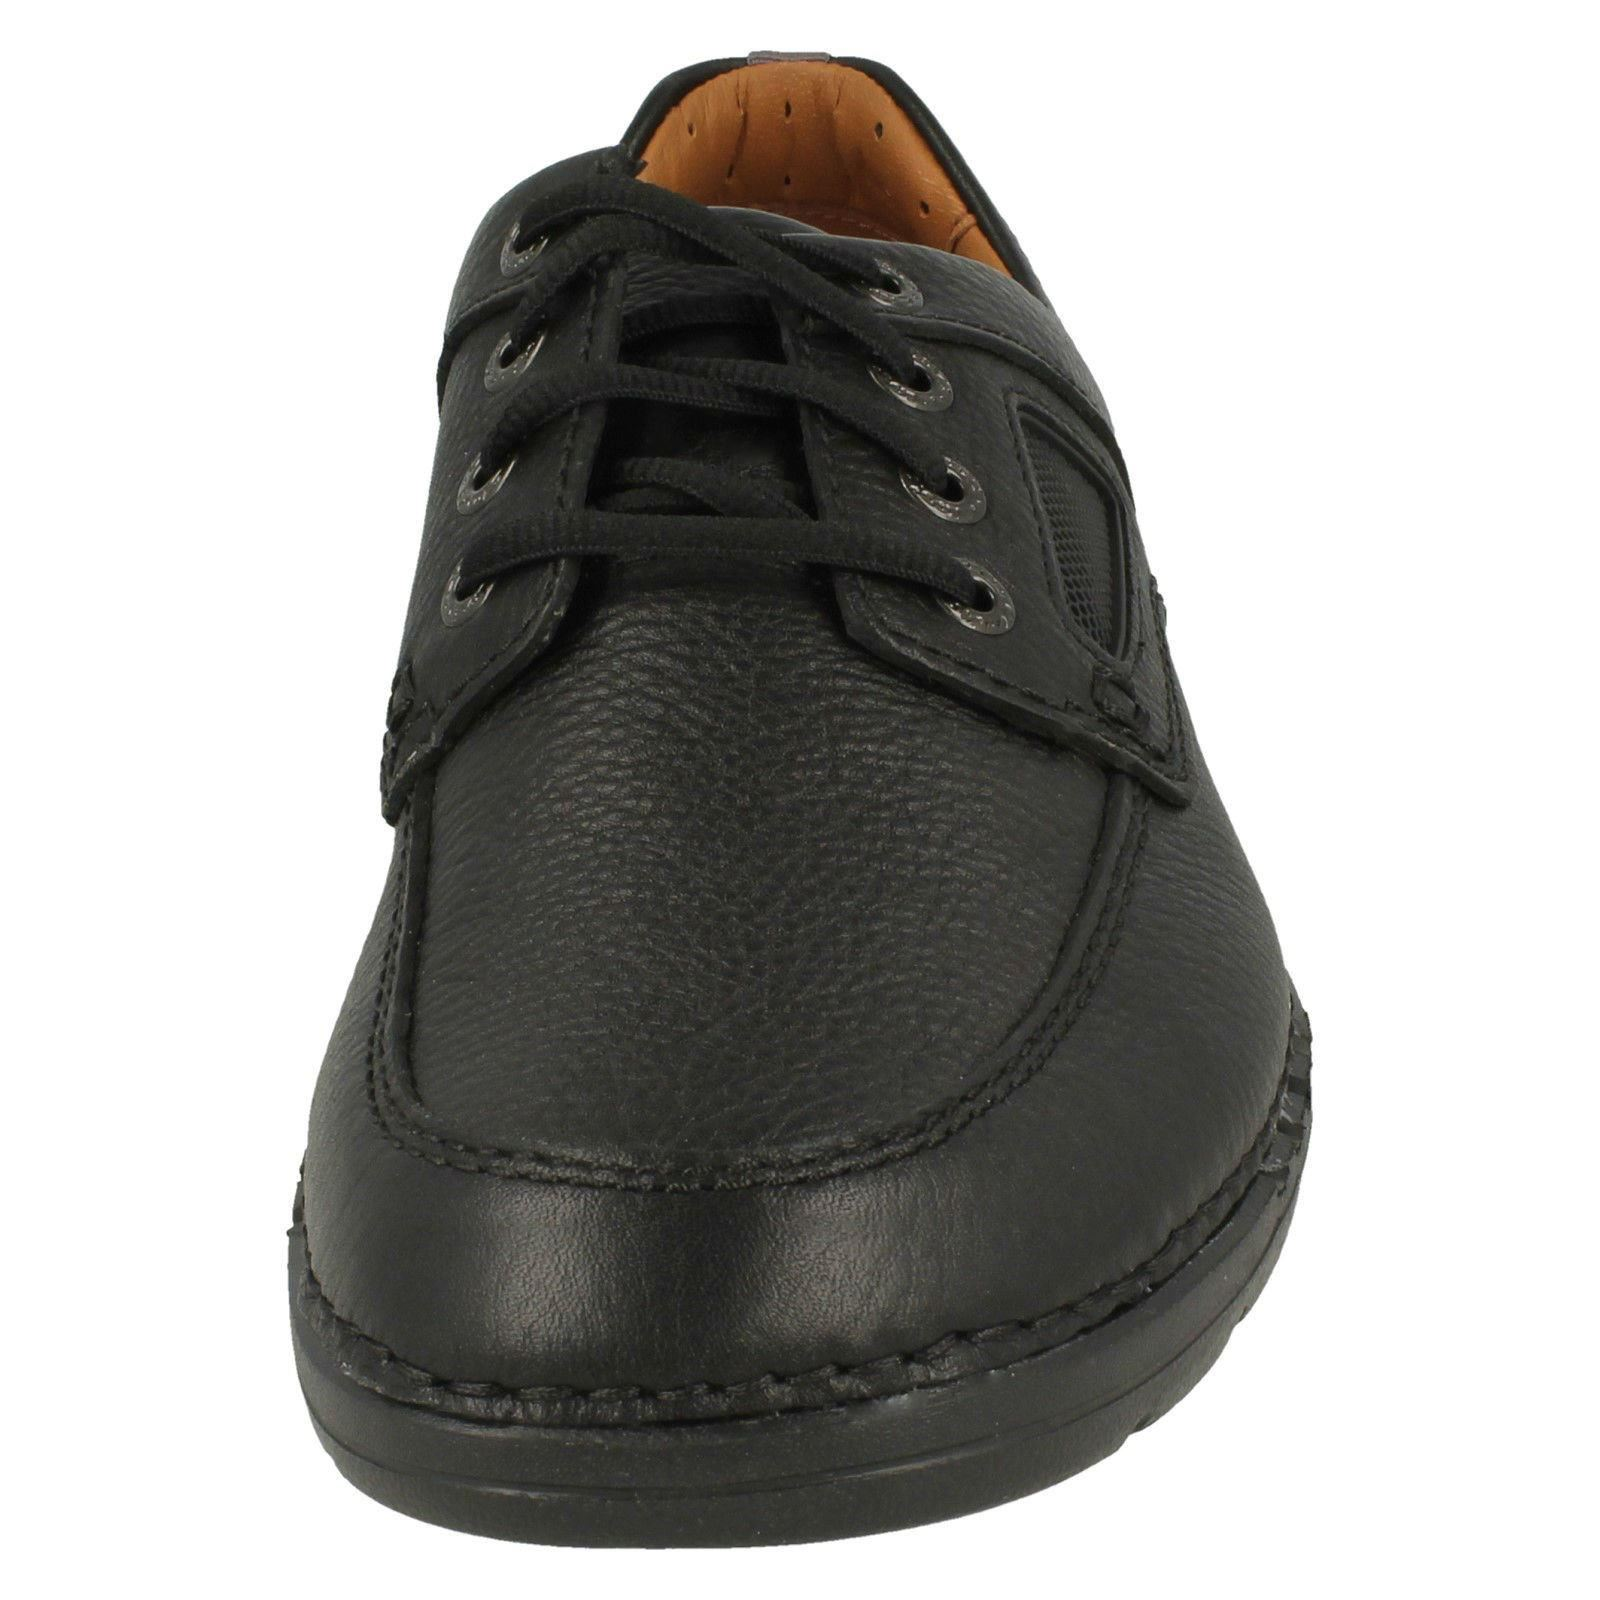 Clarks Herren Freizeit geschnürt Sportlich Schuhe - - - unnature Time 0326e2